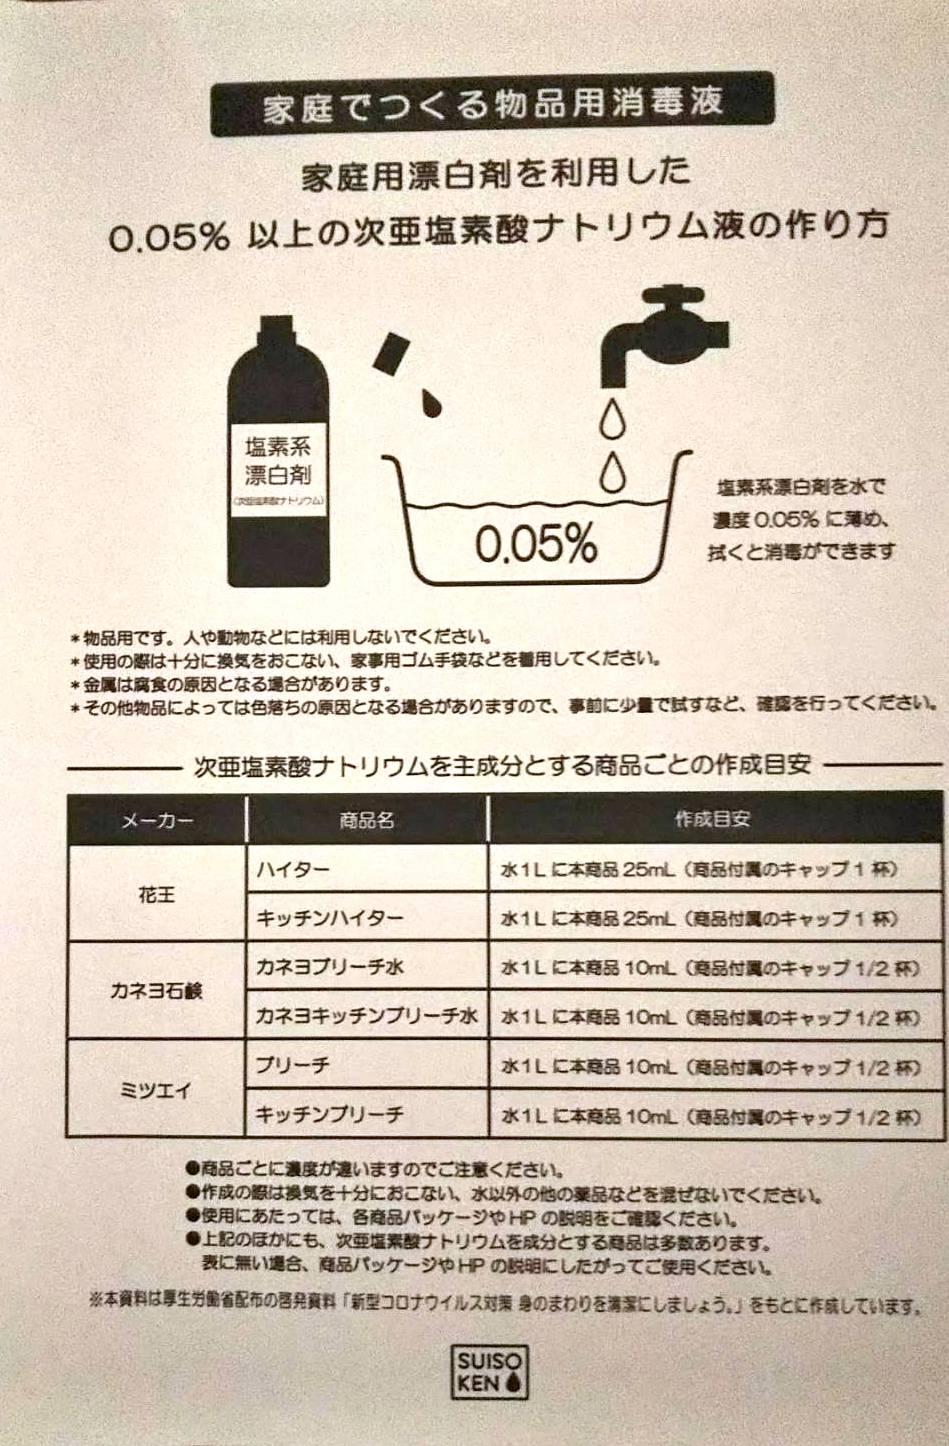 家庭で作る物品用消毒液